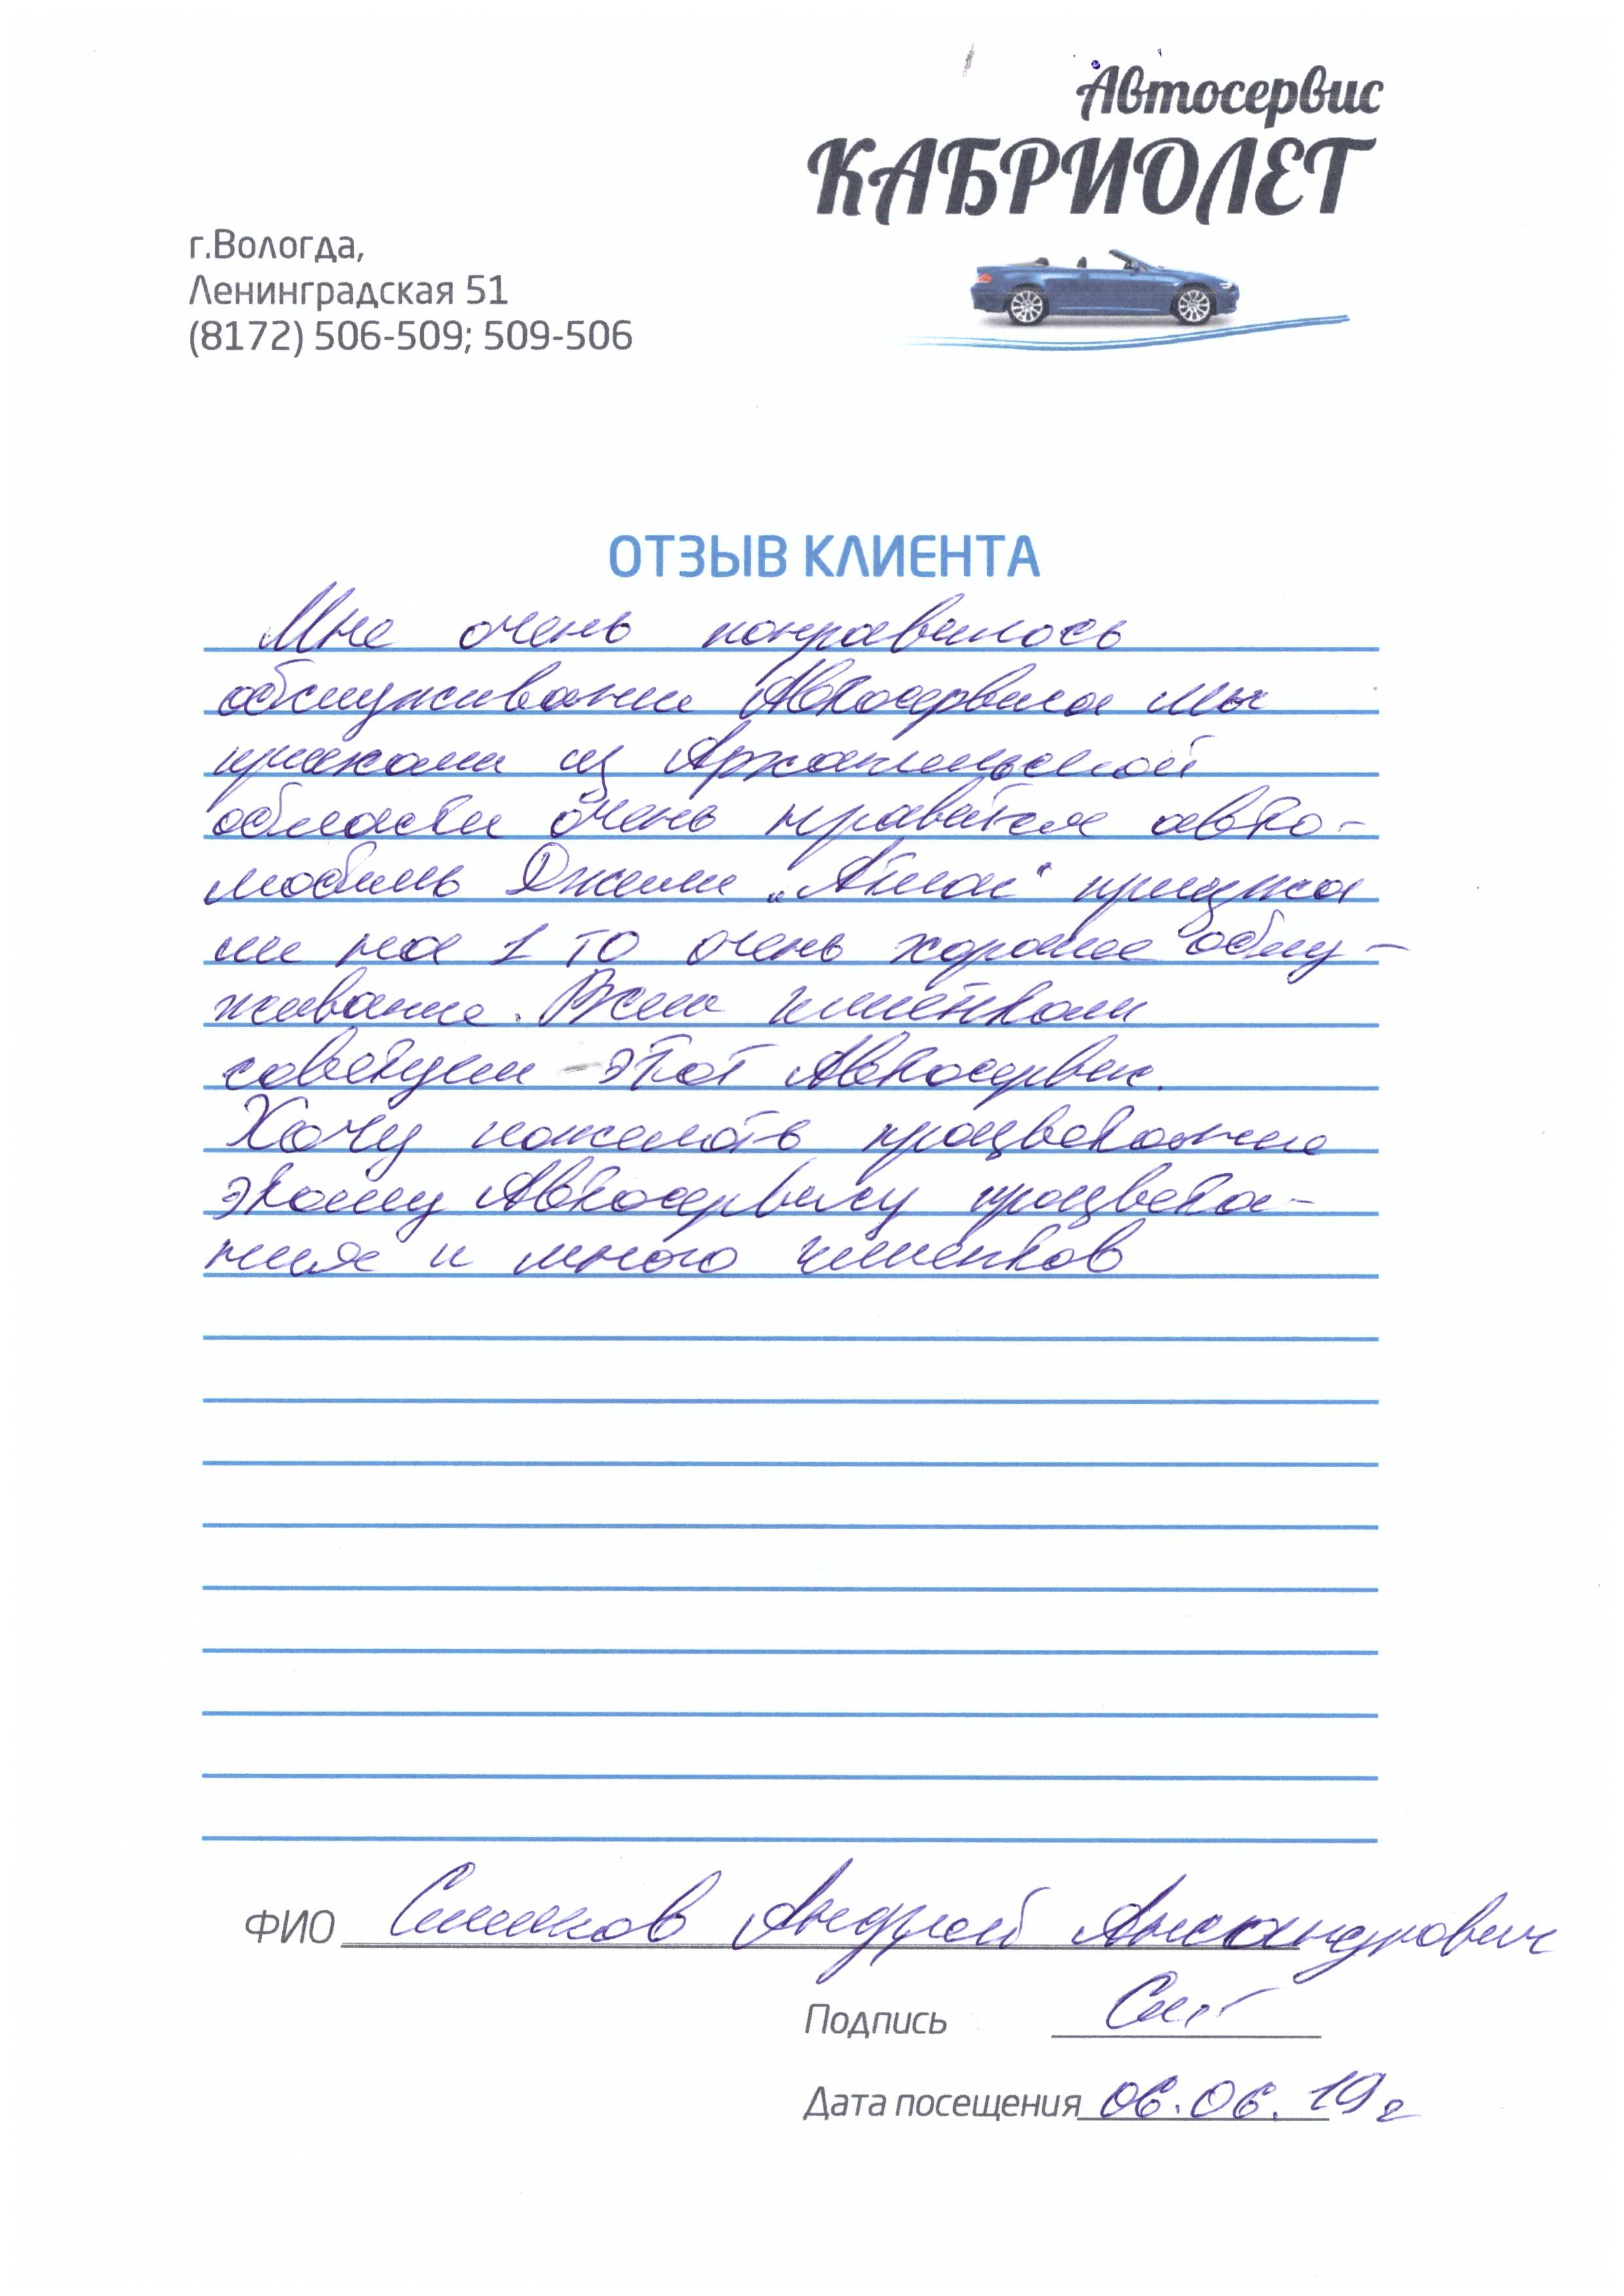 Отзыв клиента Автосервис Кабриолет о